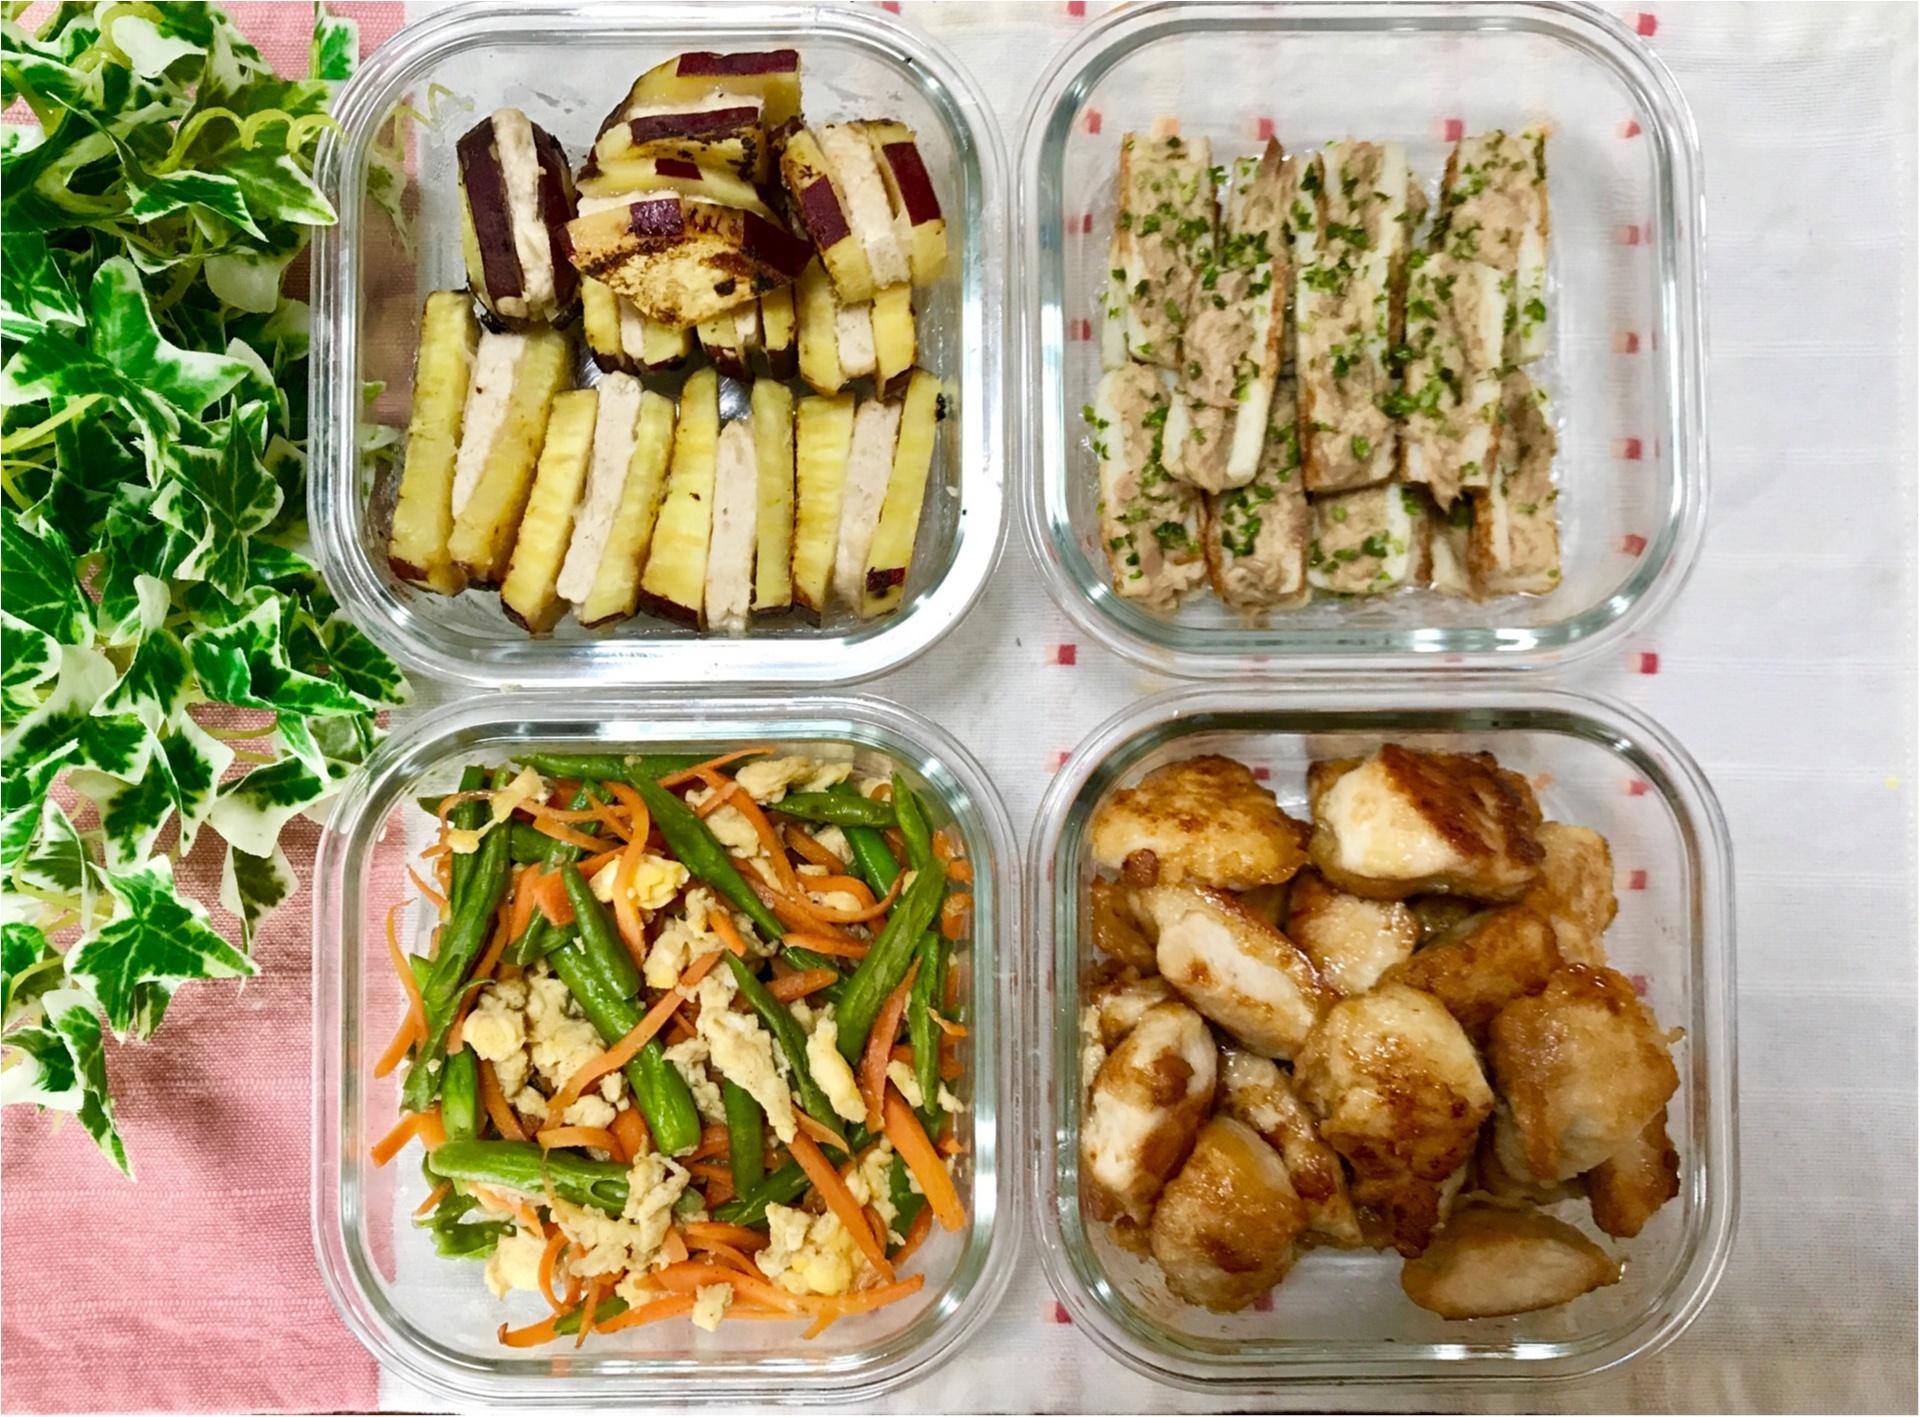 【作り置きおかず】お弁当作りに大活躍!超簡単★常備菜レシピをご紹介♡〜第32弾〜_1